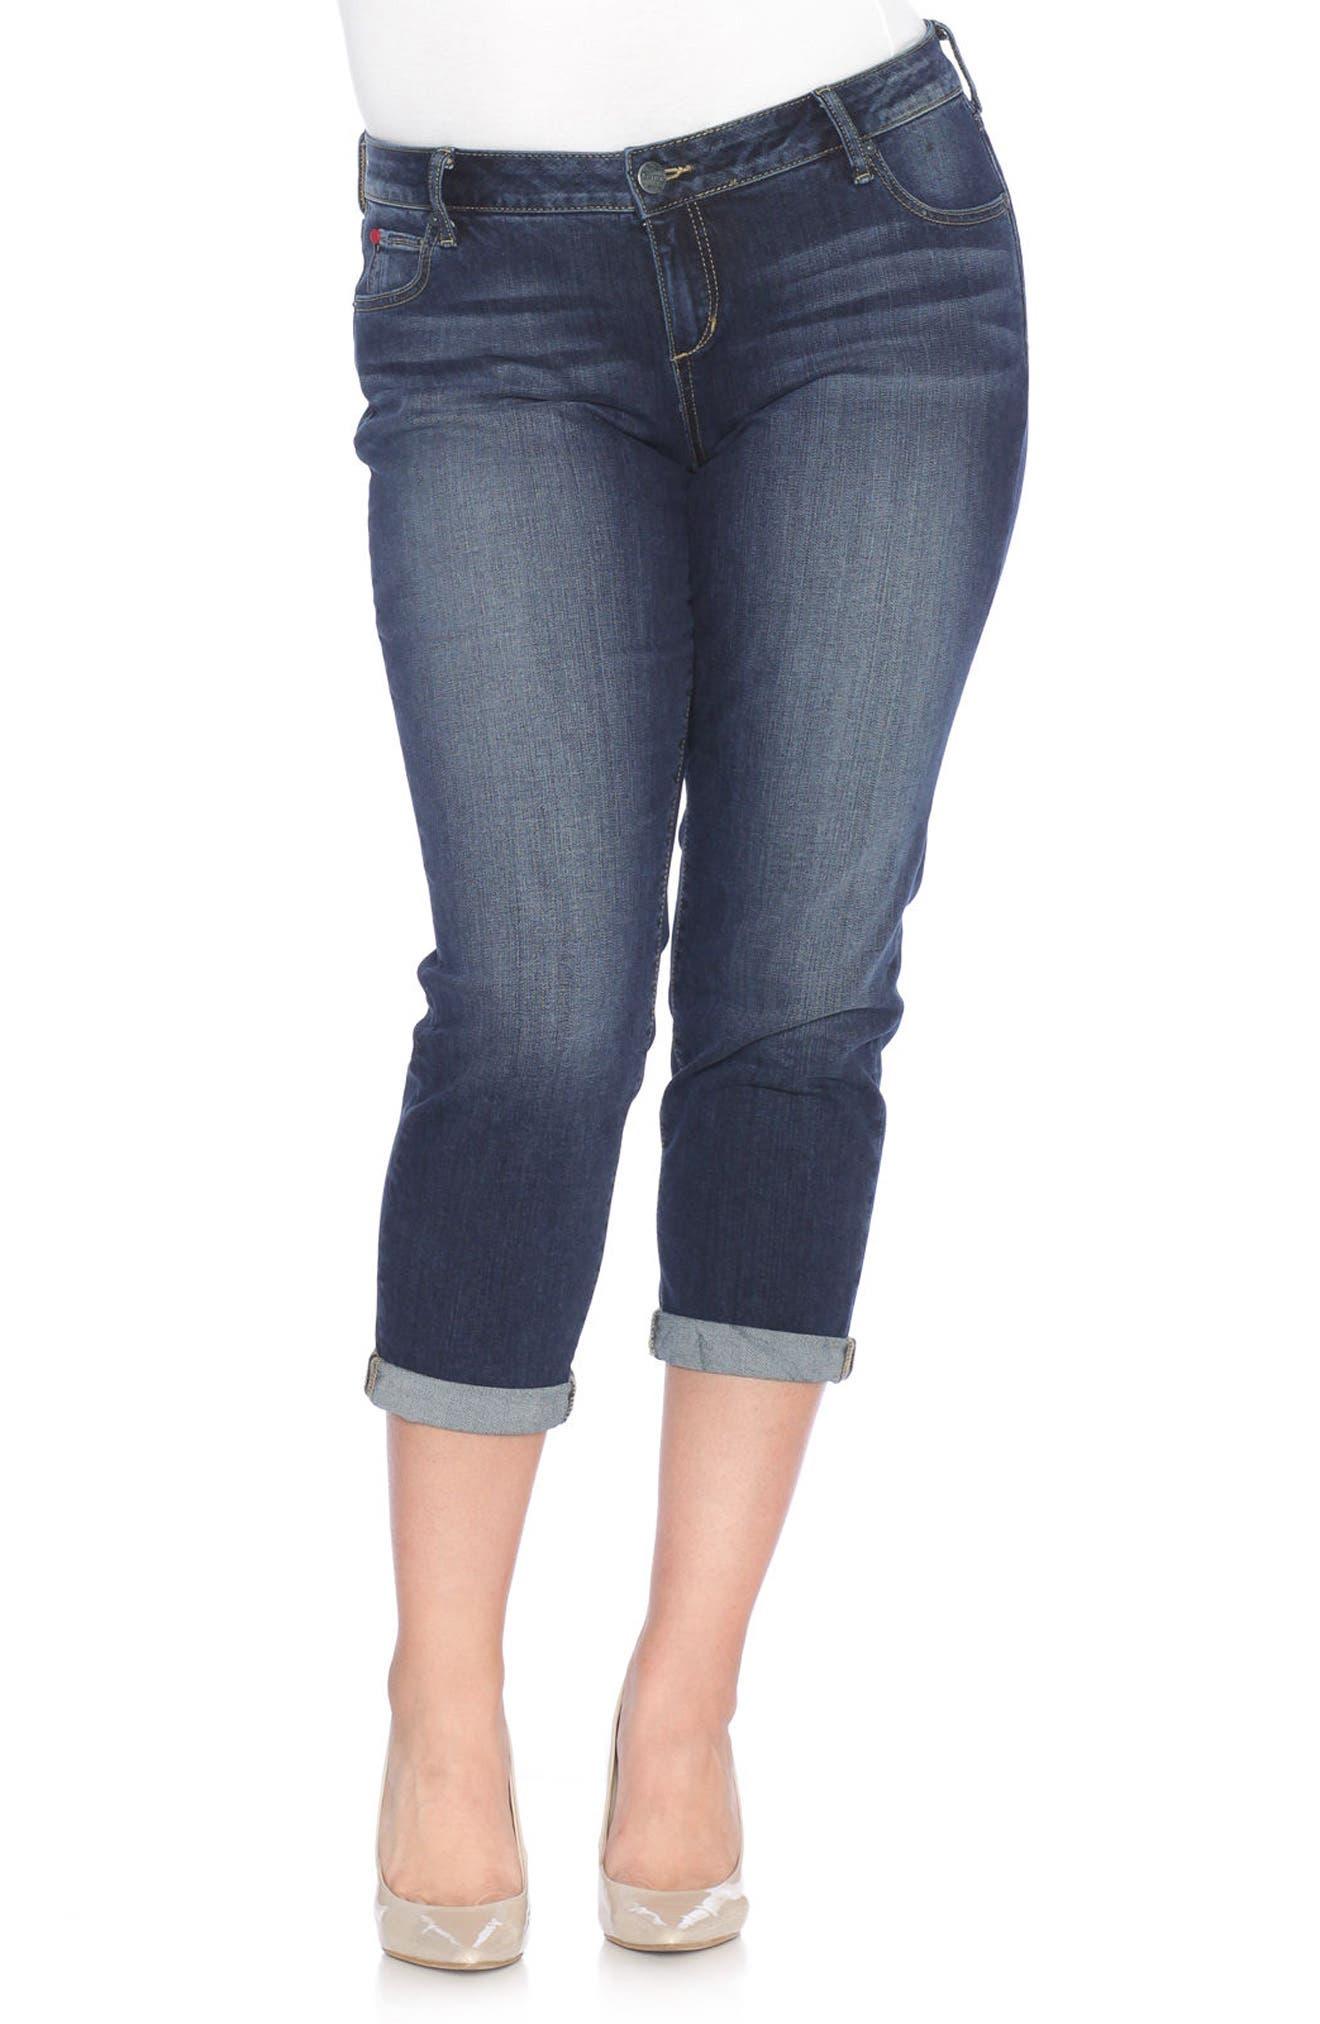 SLINK Jeans Rolled Crop Boyfriend Jeans (Kelly) (Plus Size)